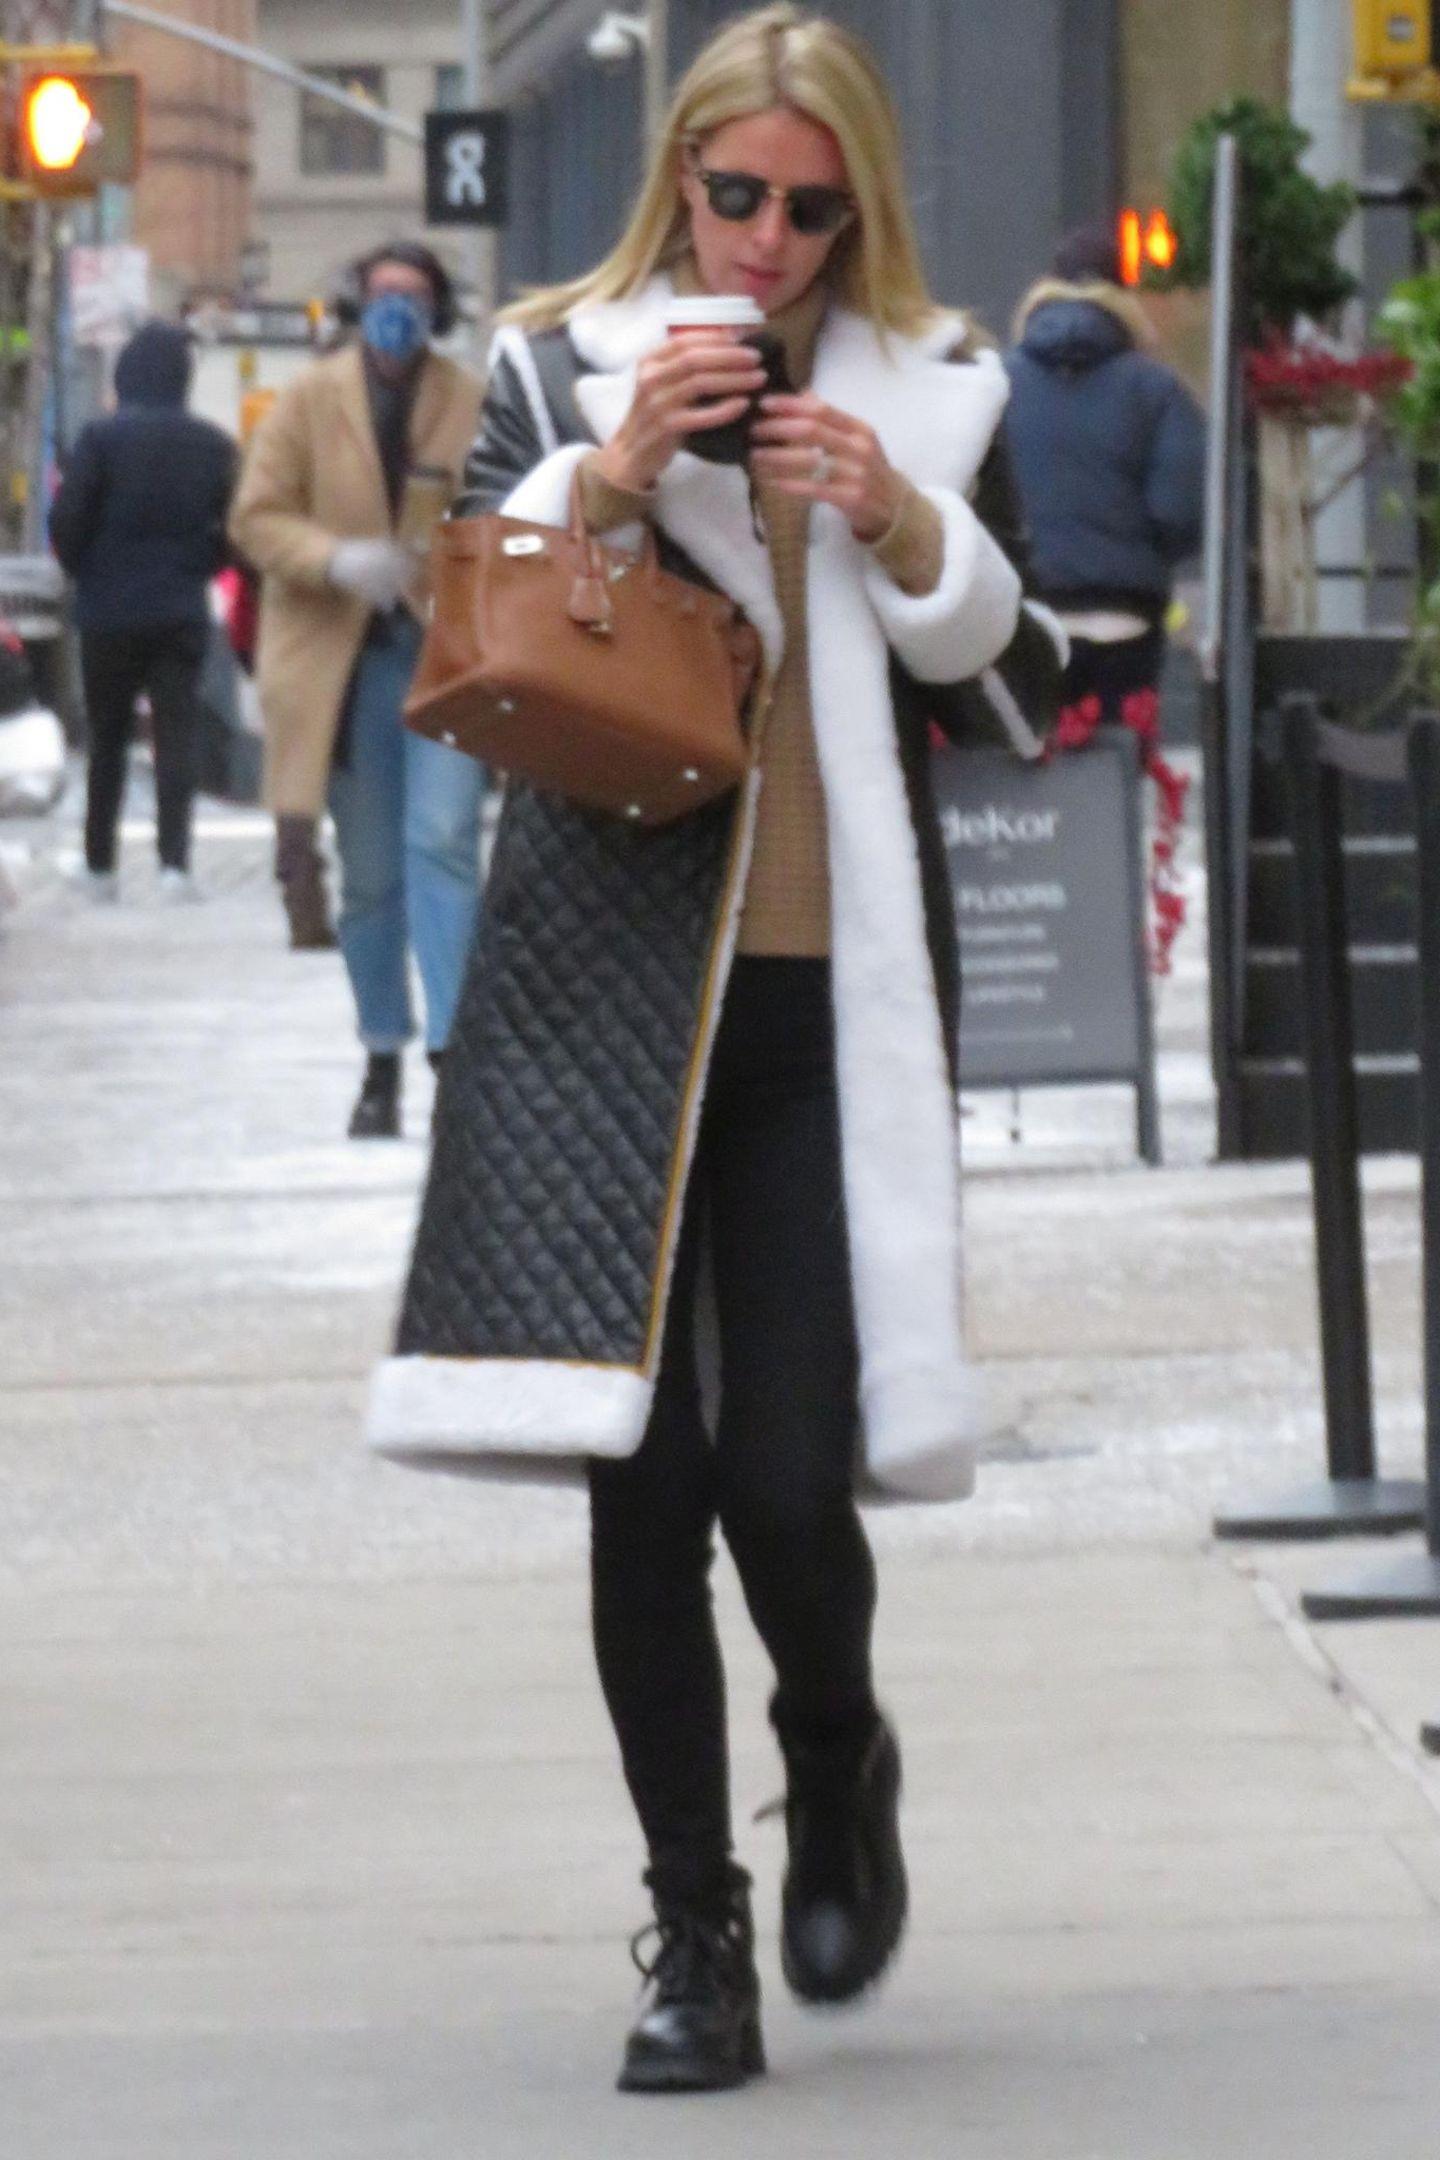 Obwohl Nicky Hiltons Winterlook recht unscheinbar wirkt, ist er dennoch hoch exklusiv. Am Handgelenk der Unternehmerin baumelt die beliebte Birkin Bag, bei der die Preise bei ca. bei 7.000 Euro beginnen und je nach Ausstattung ins unermessliche steigen kann.